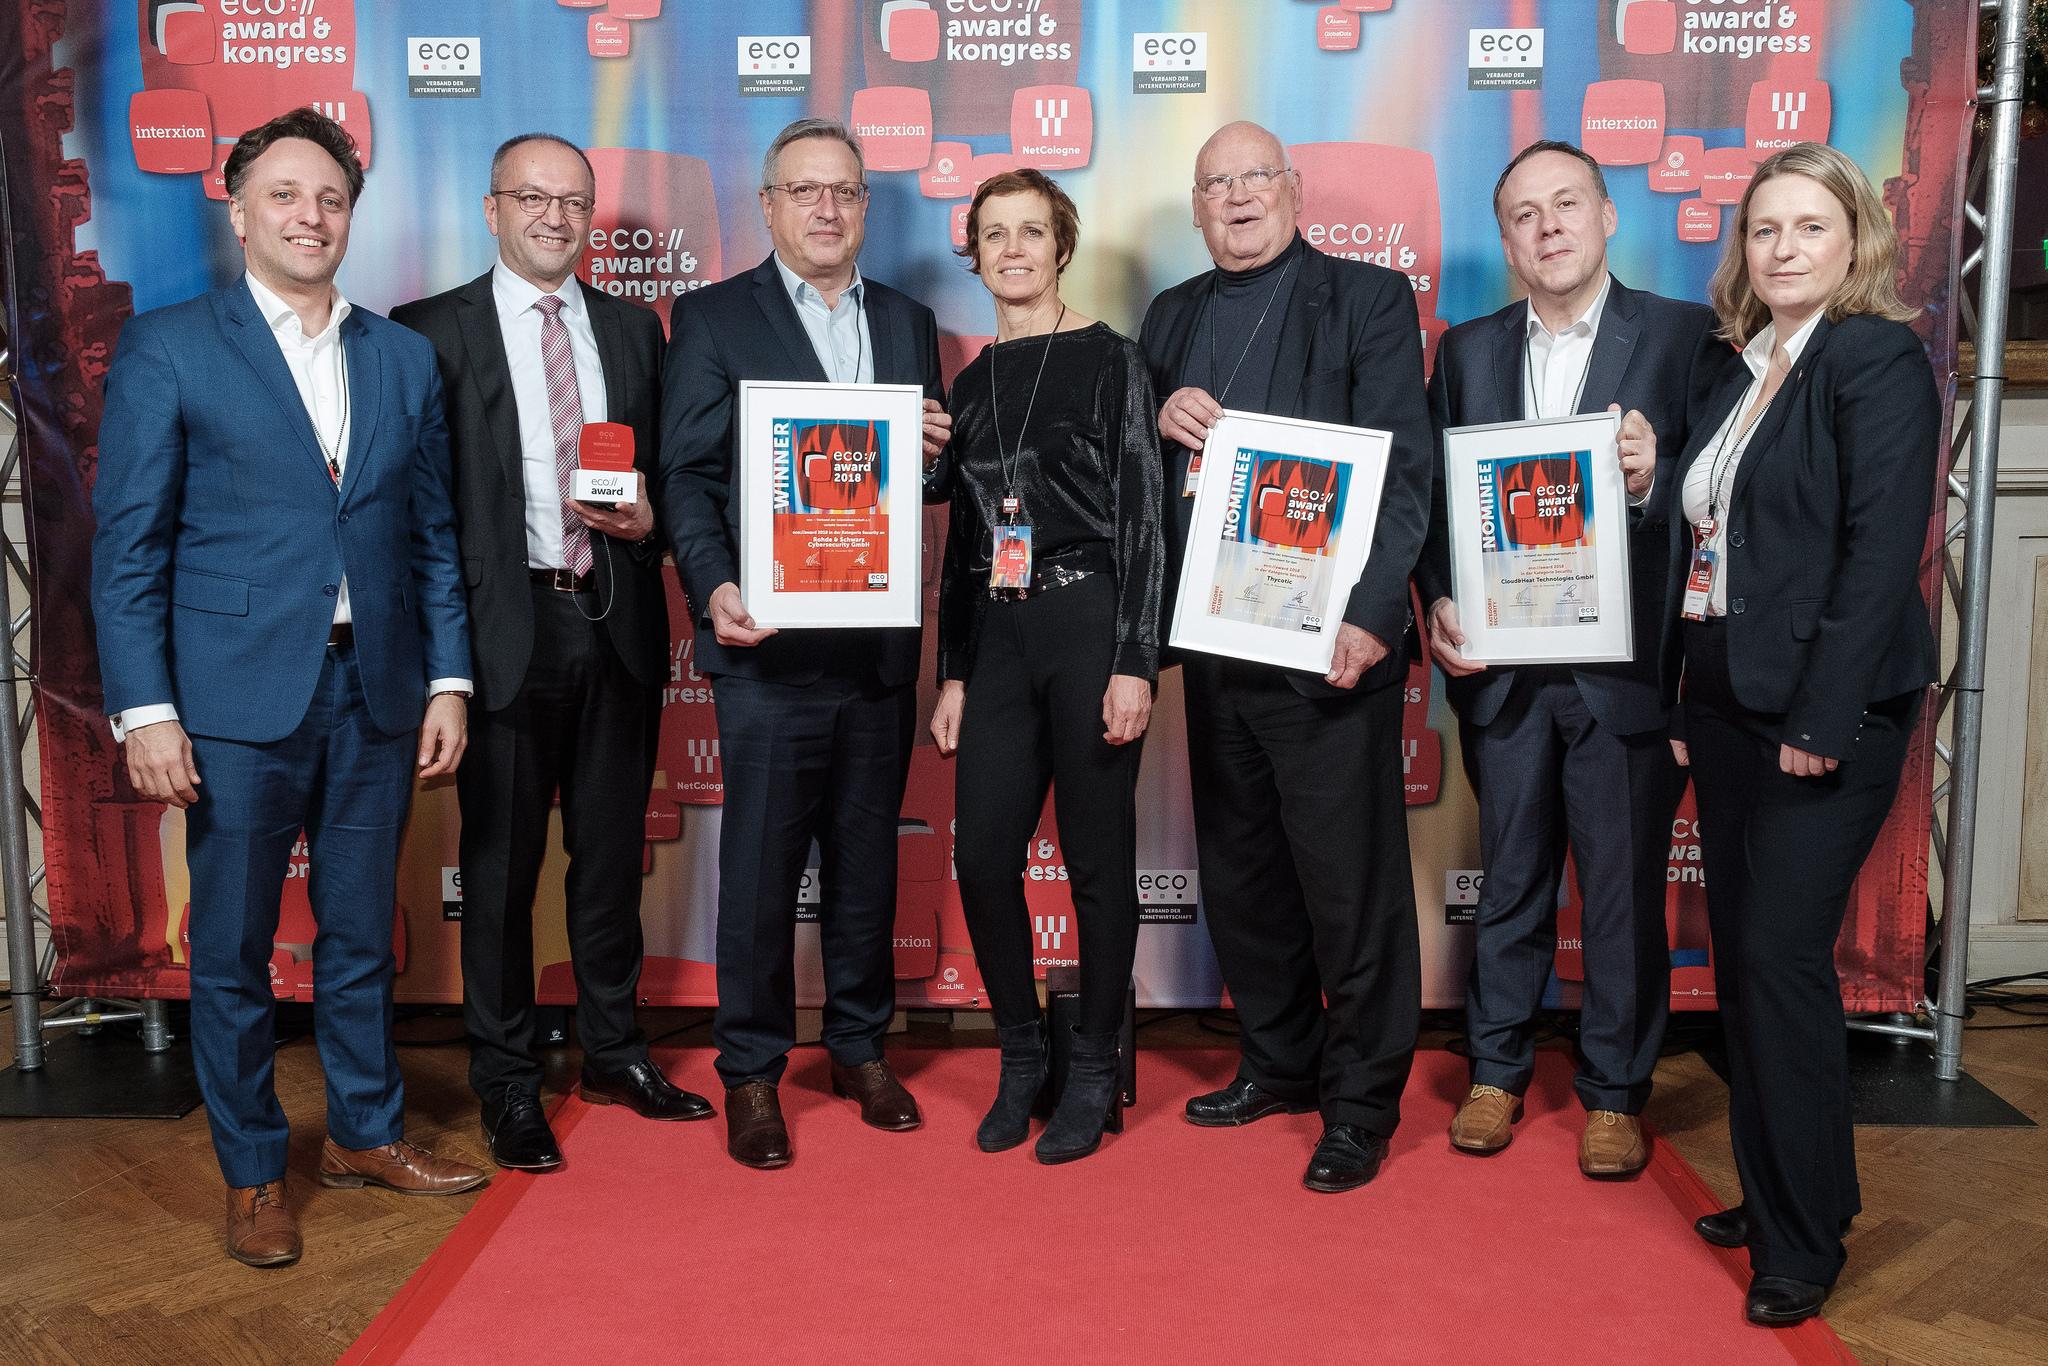 eco://kongress & eco:awards: Gemeinsam die digitale Zukunft gestalten 33